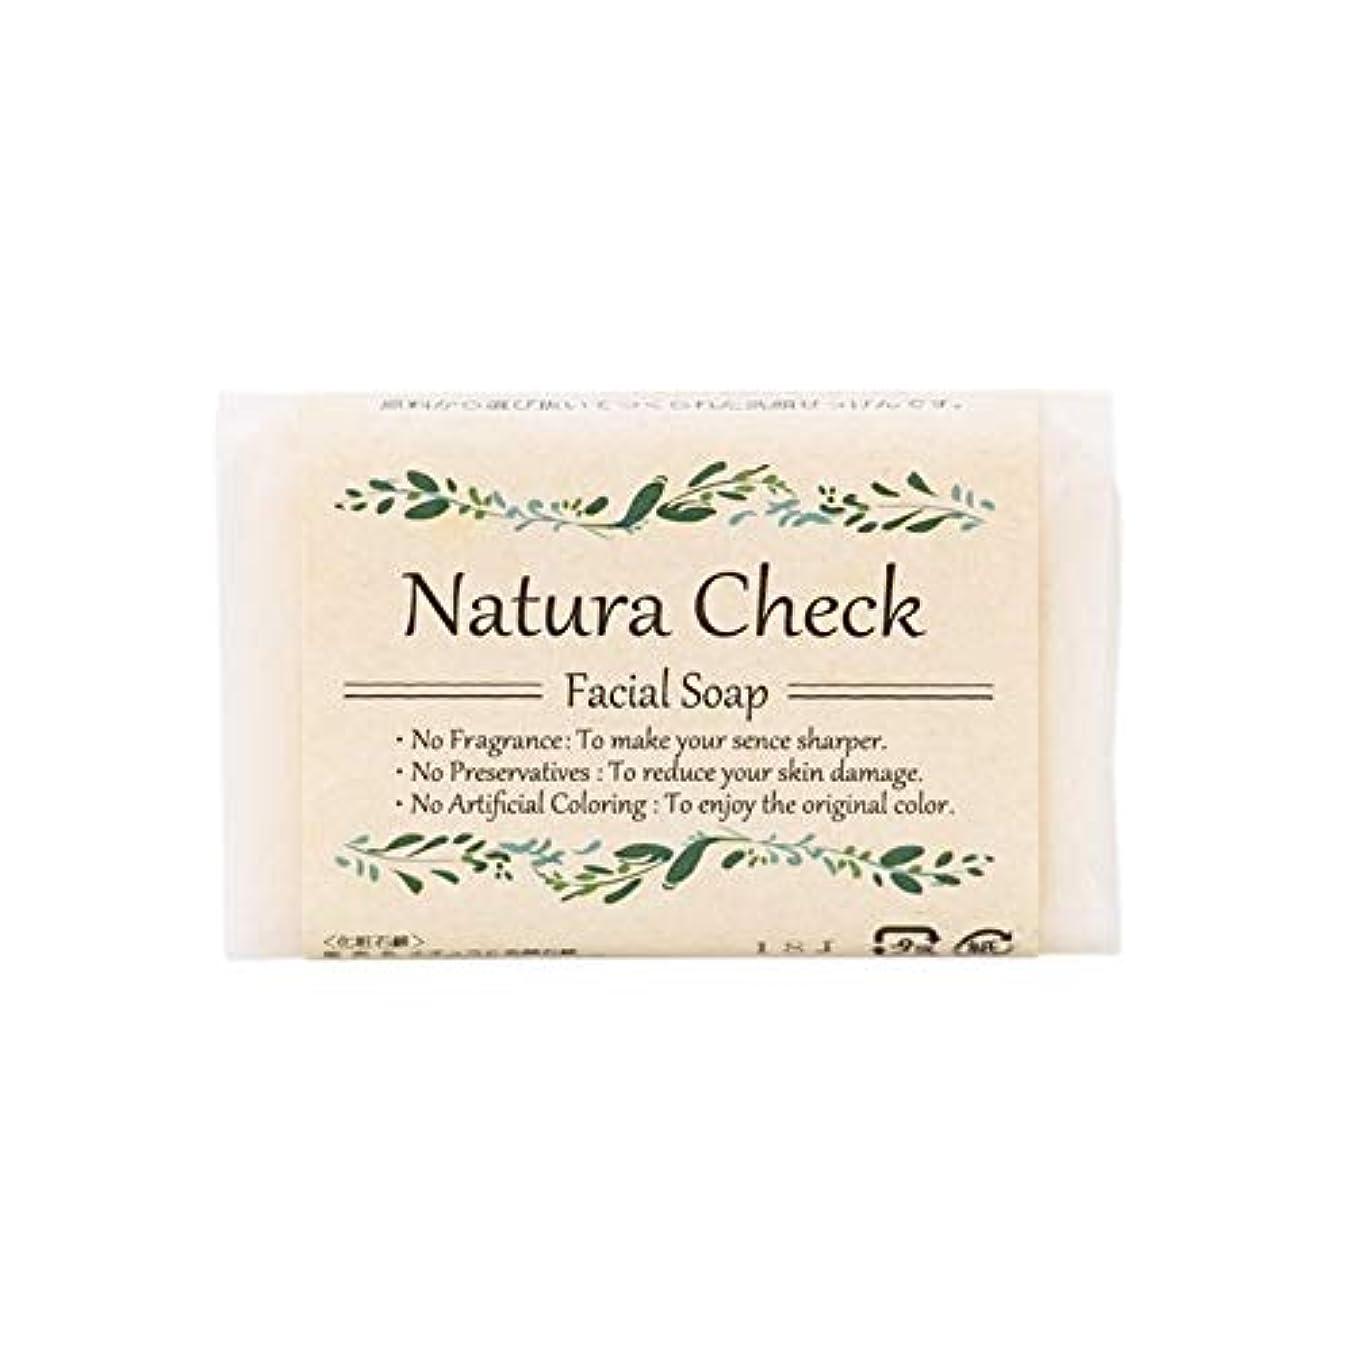 行制限デモンストレーションNatura Check 無添加洗顔せっけん80g 毛穴の黒ずみ、毛穴の開き、敏感肌、乾燥肌対策に 新生児やアトピー肌にも安心